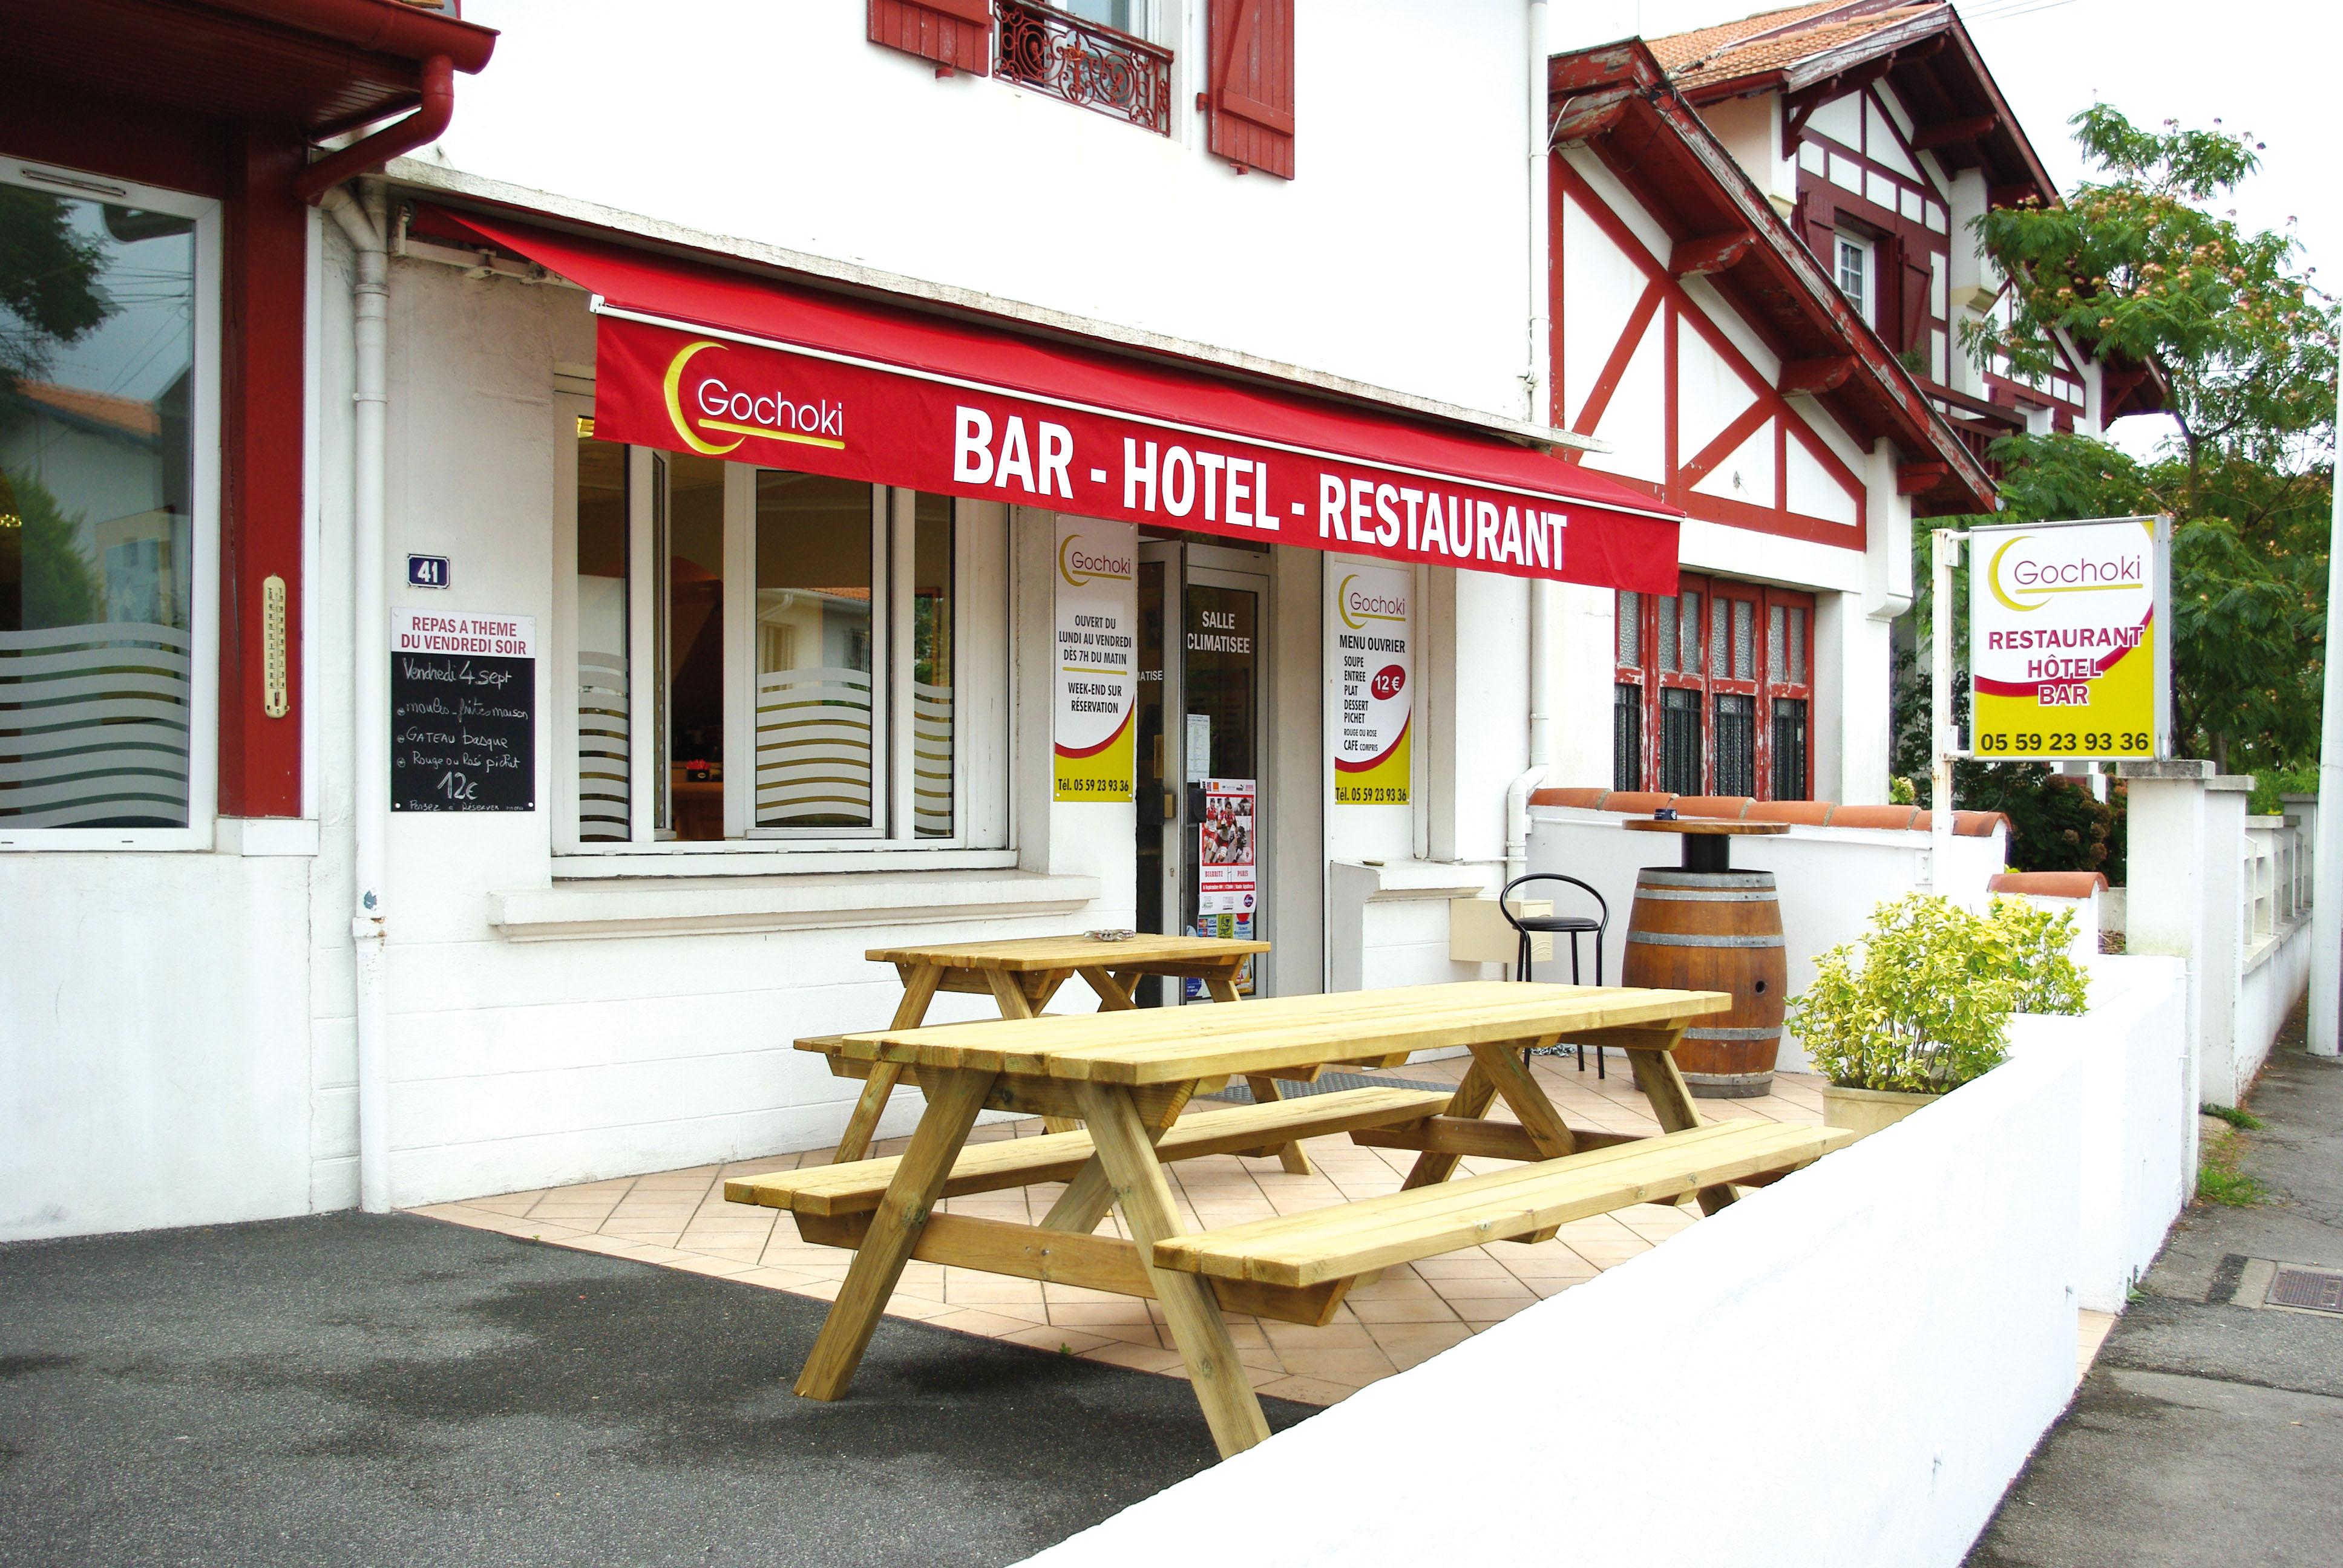 la terrasse du restaurant gochoki, avec une table des bancs en bois